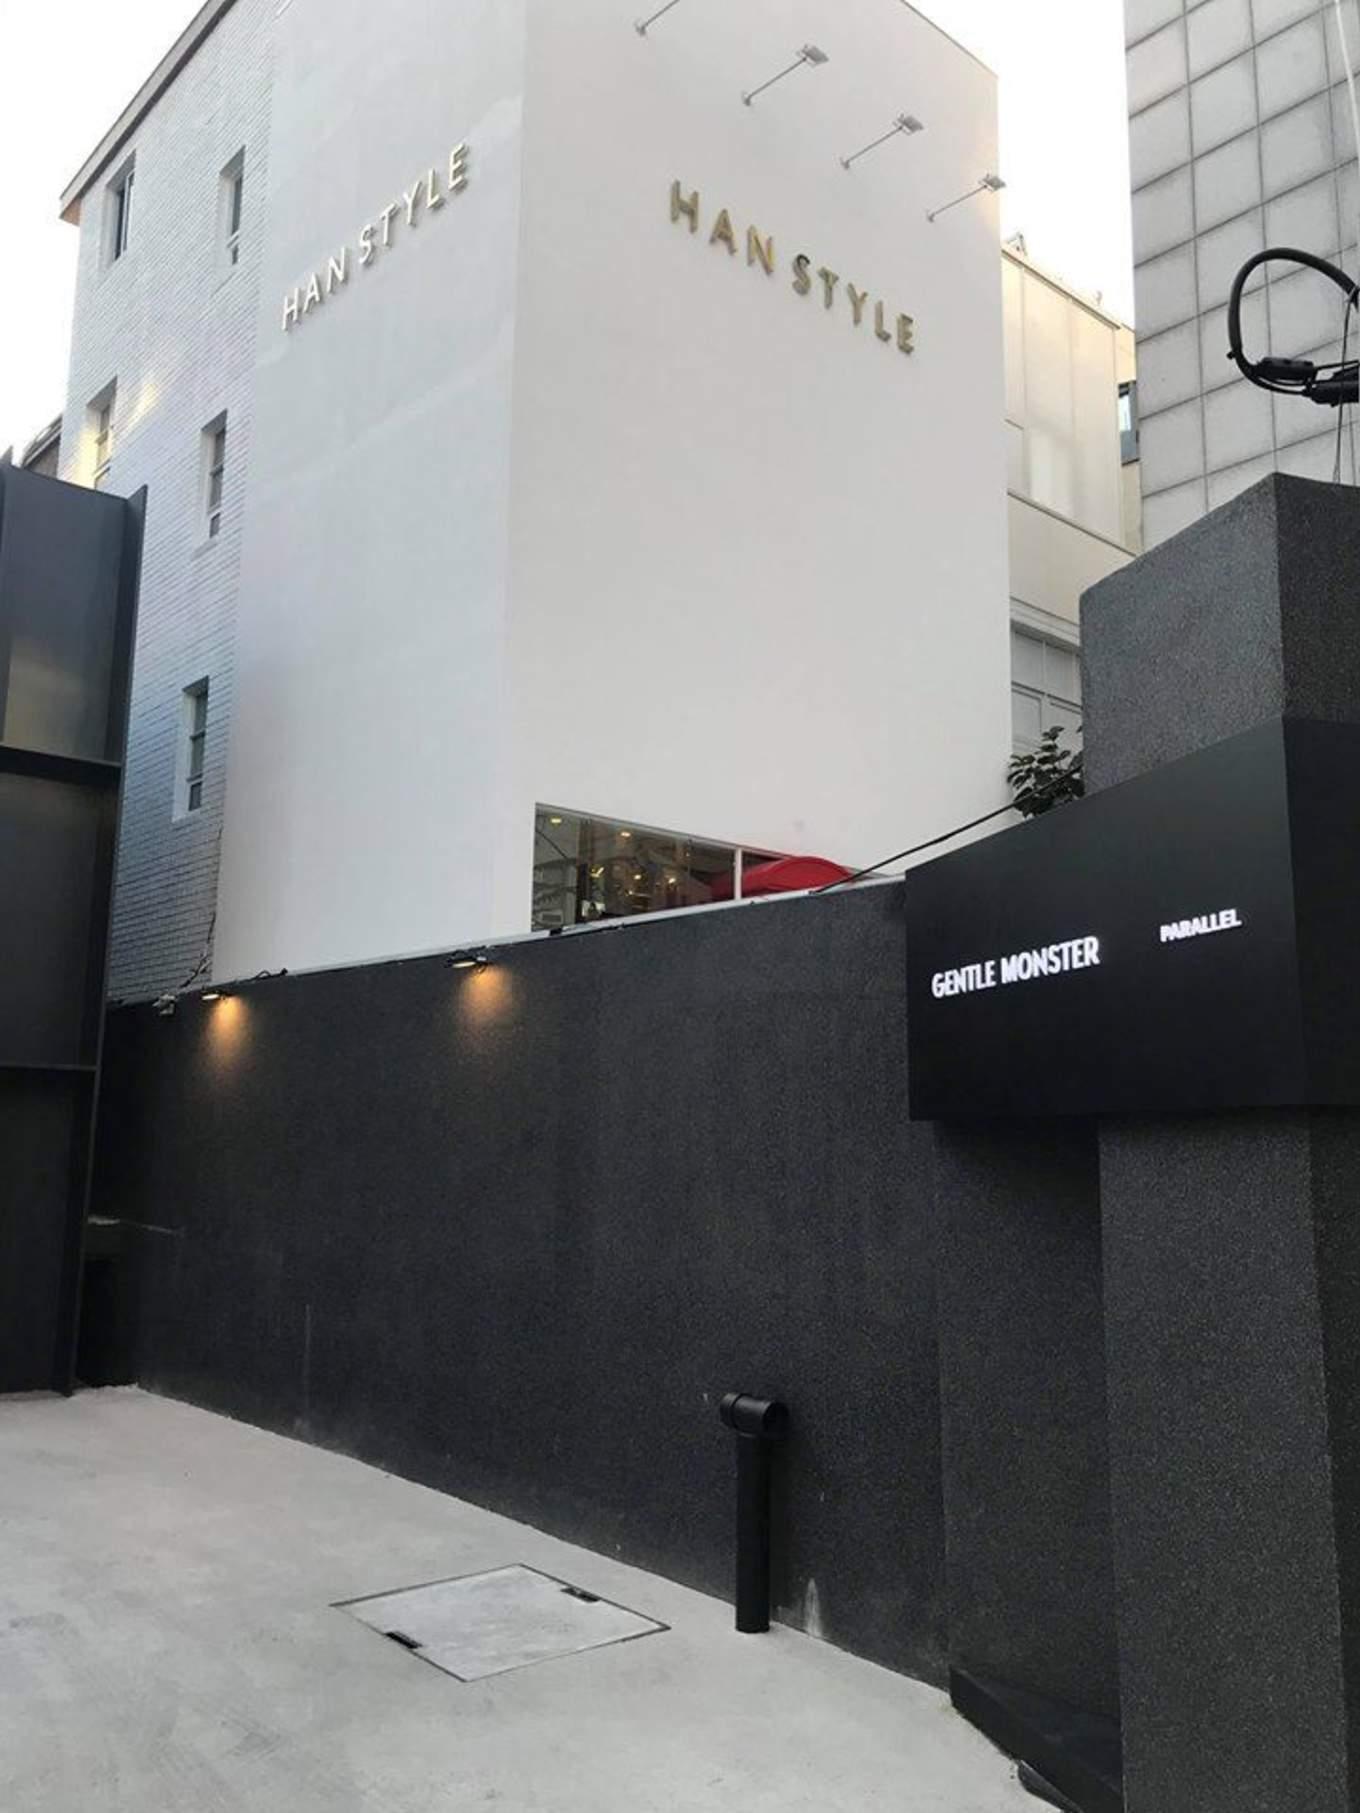 gentle monster là một nơi mua sắm ở seoul chuyên về kính mắt